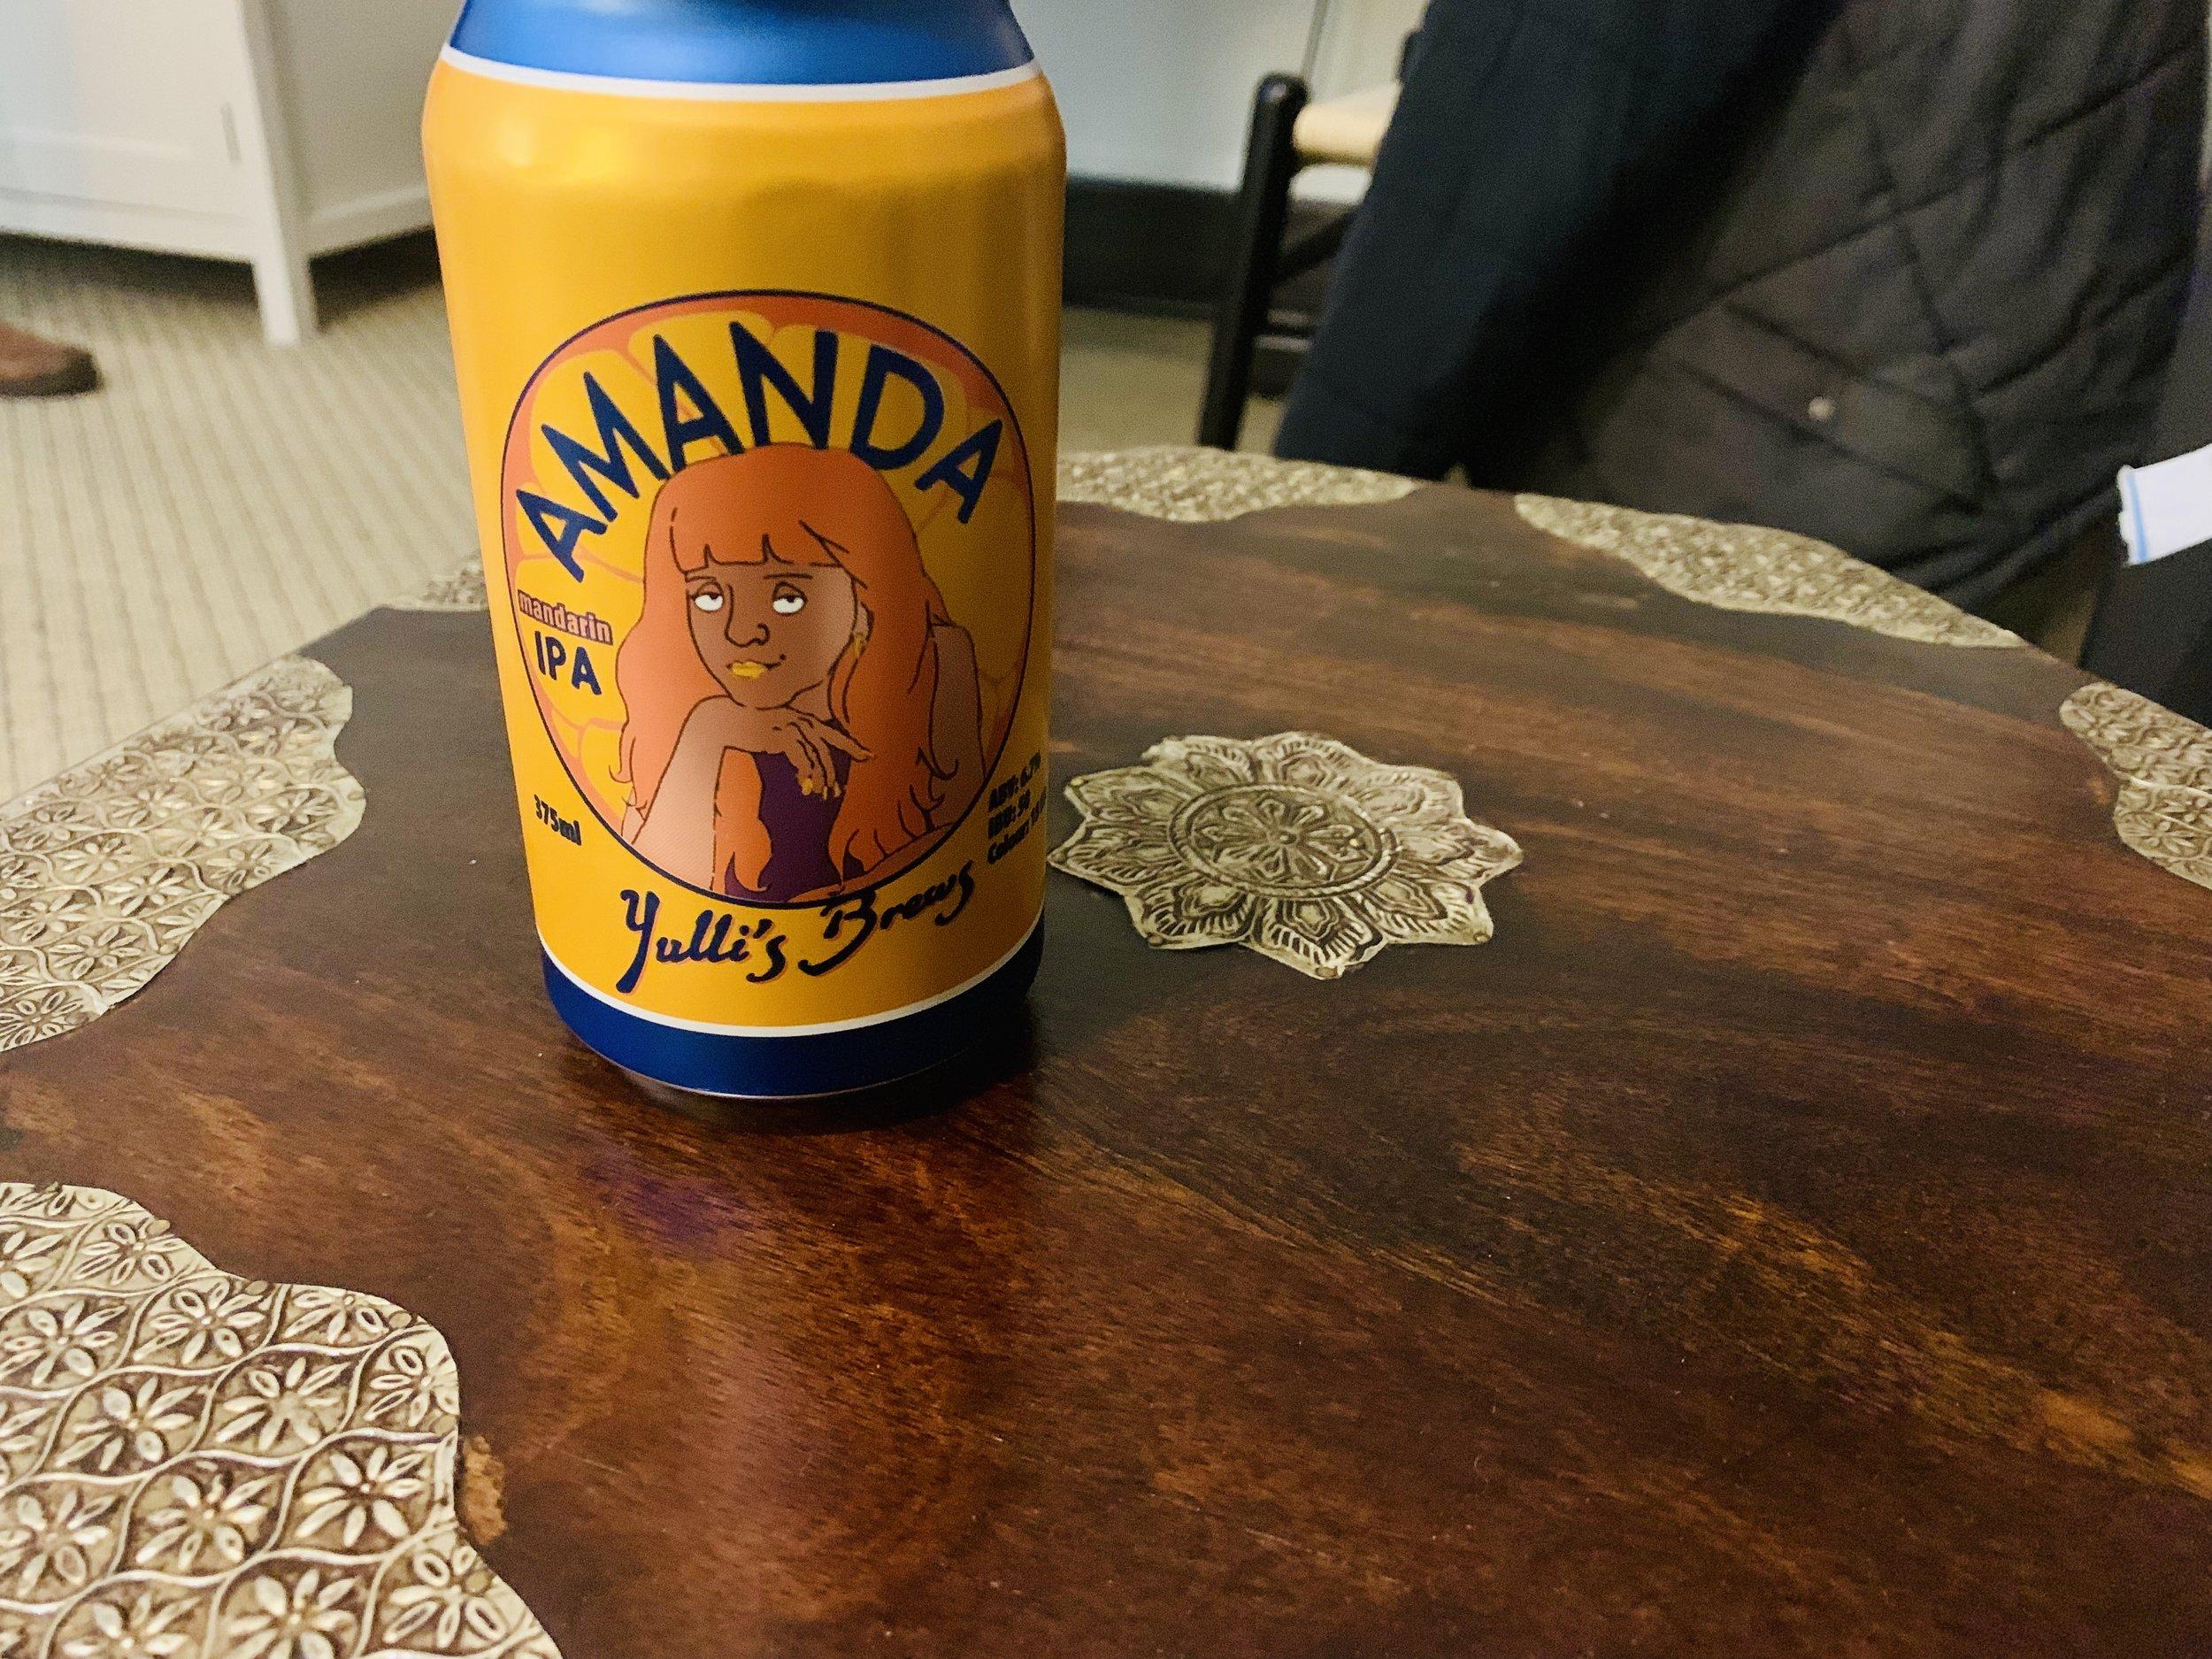 Yulli's Brews Amanda Mandarin IPA